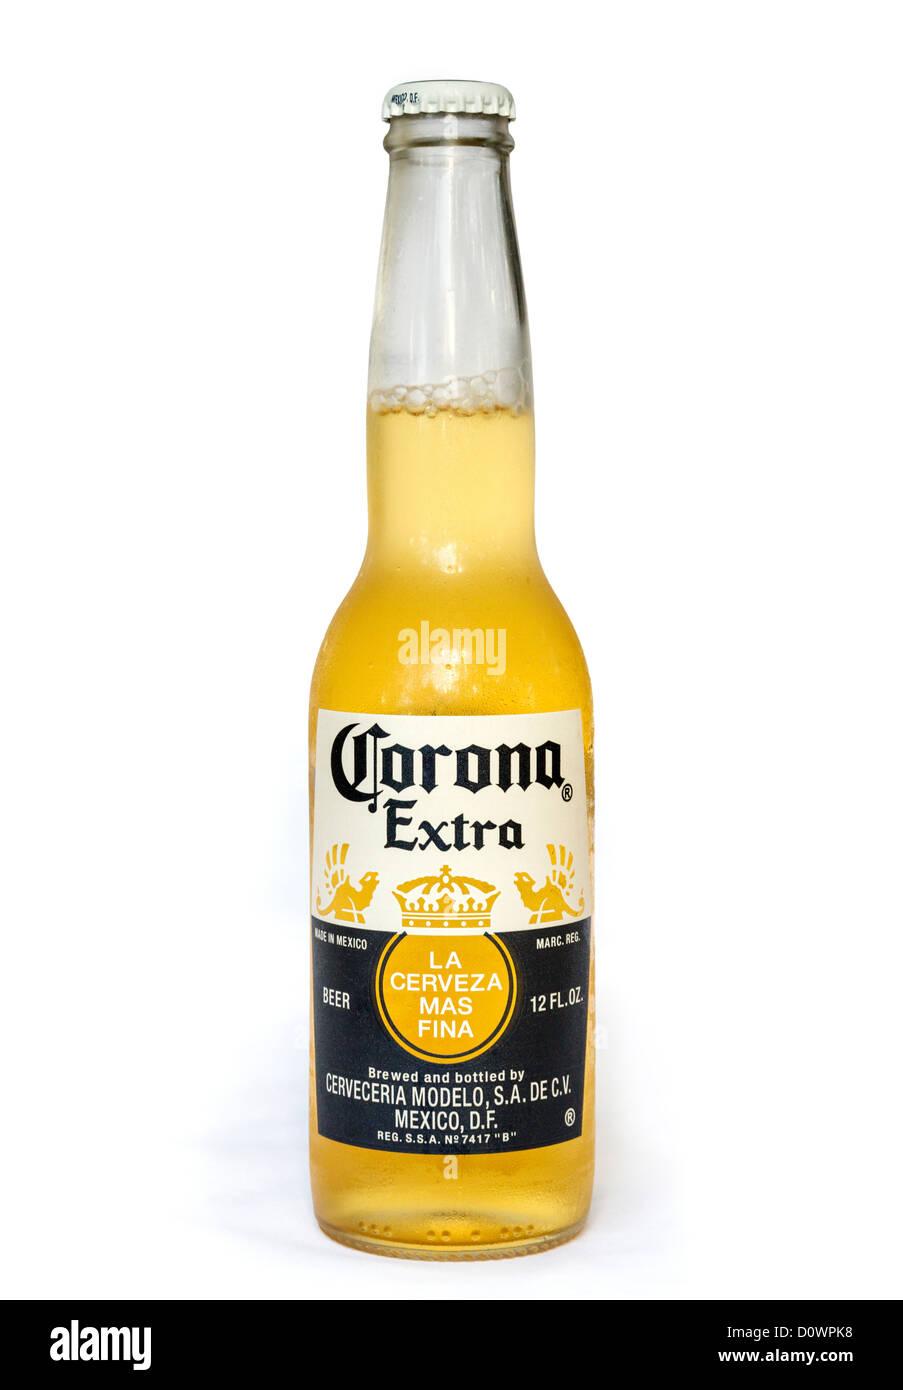 Bottiglia di Corona birra messicana Immagini Stock